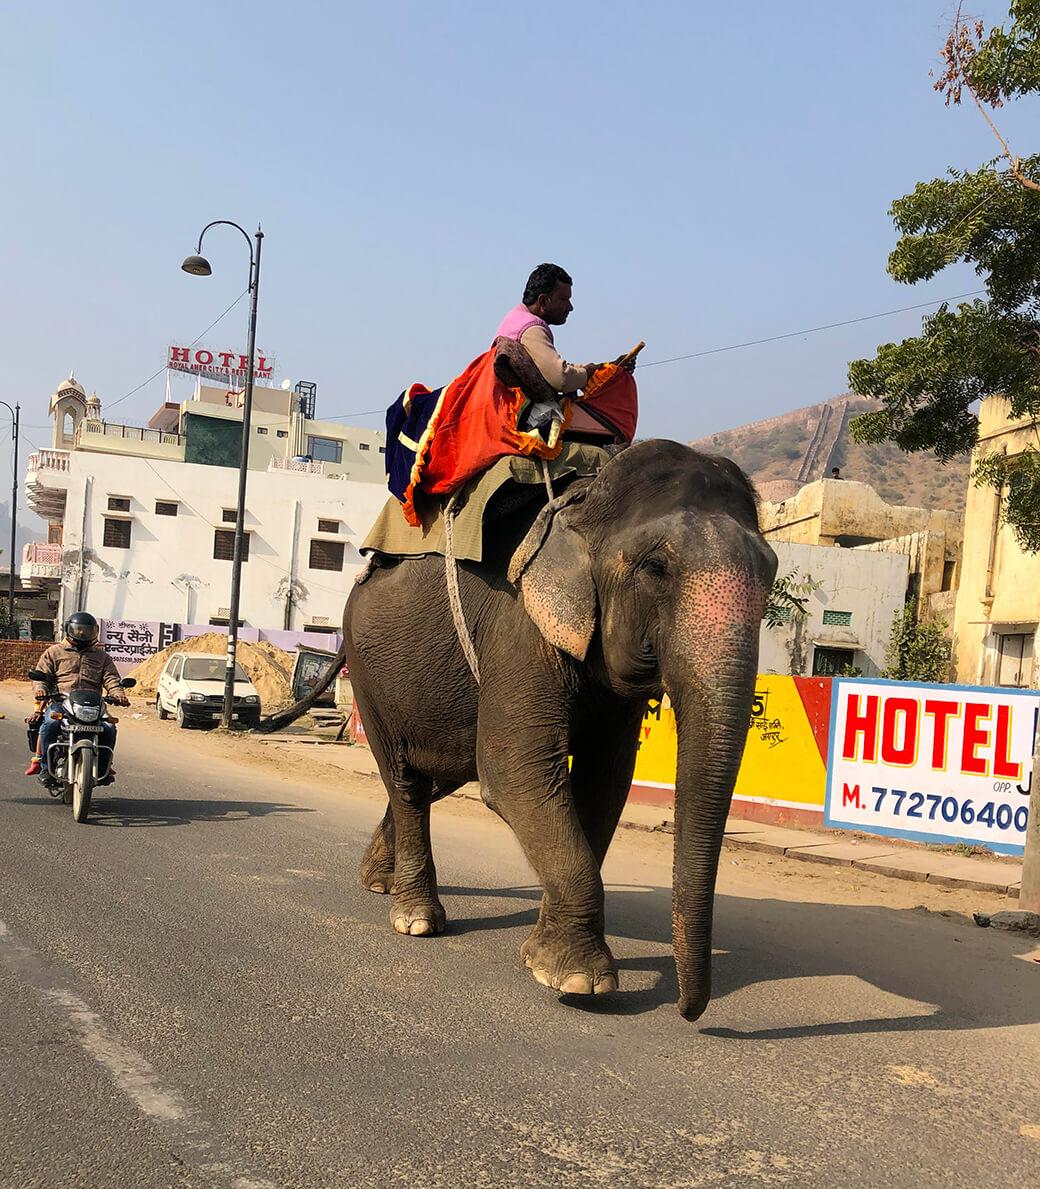 ジャイプールの街を散歩していて出会った象